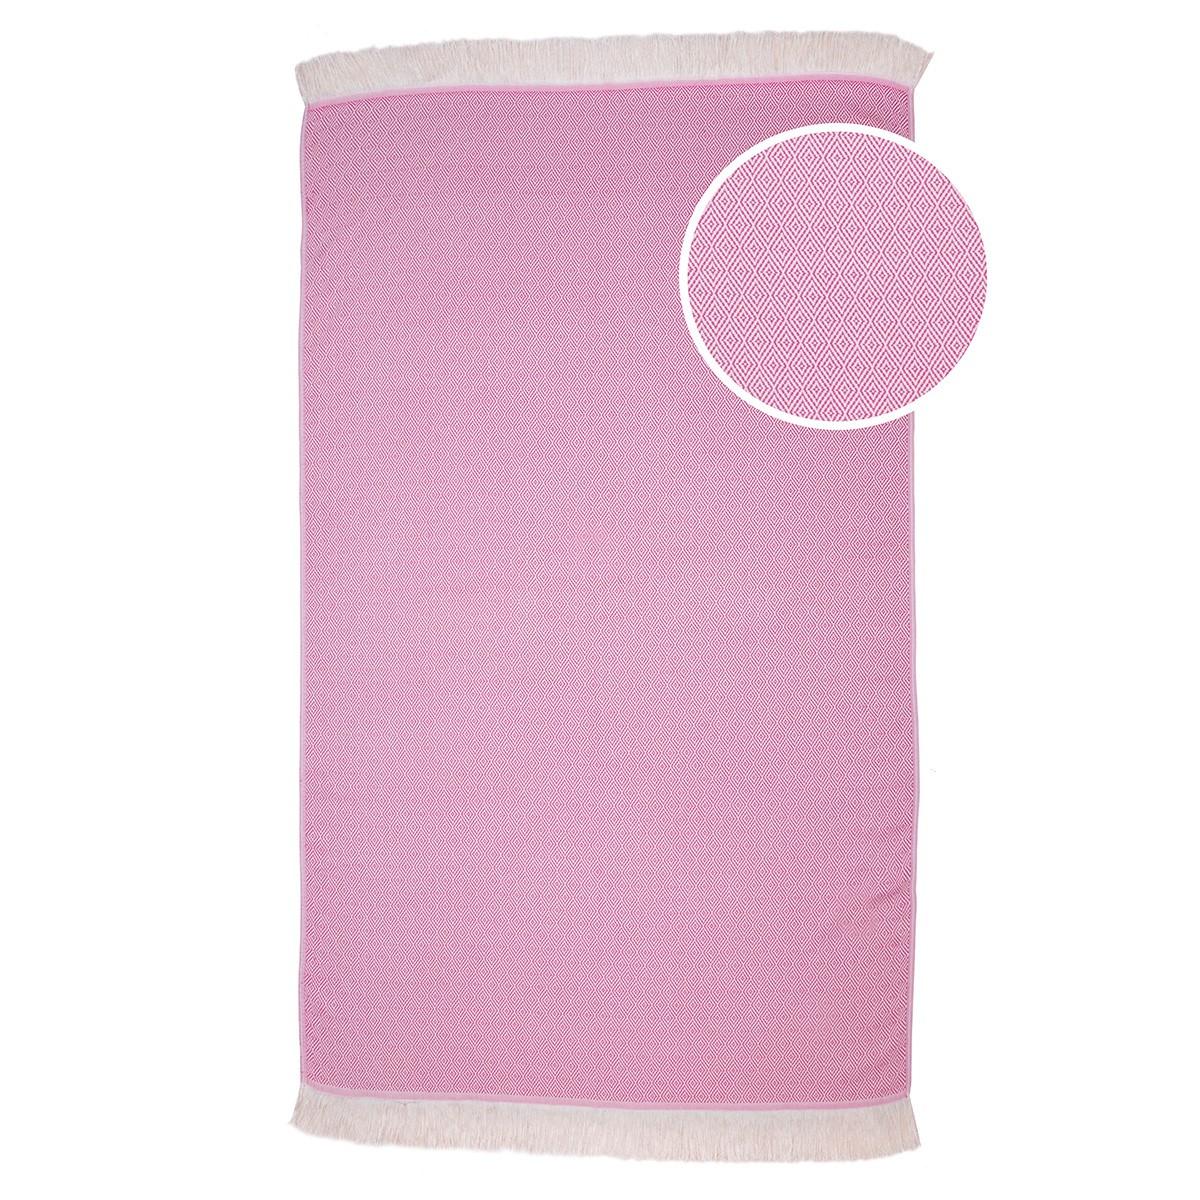 Πετσέτα Θαλάσσης – Παρεό Lorenzo Santaniello Somero Fuchsia